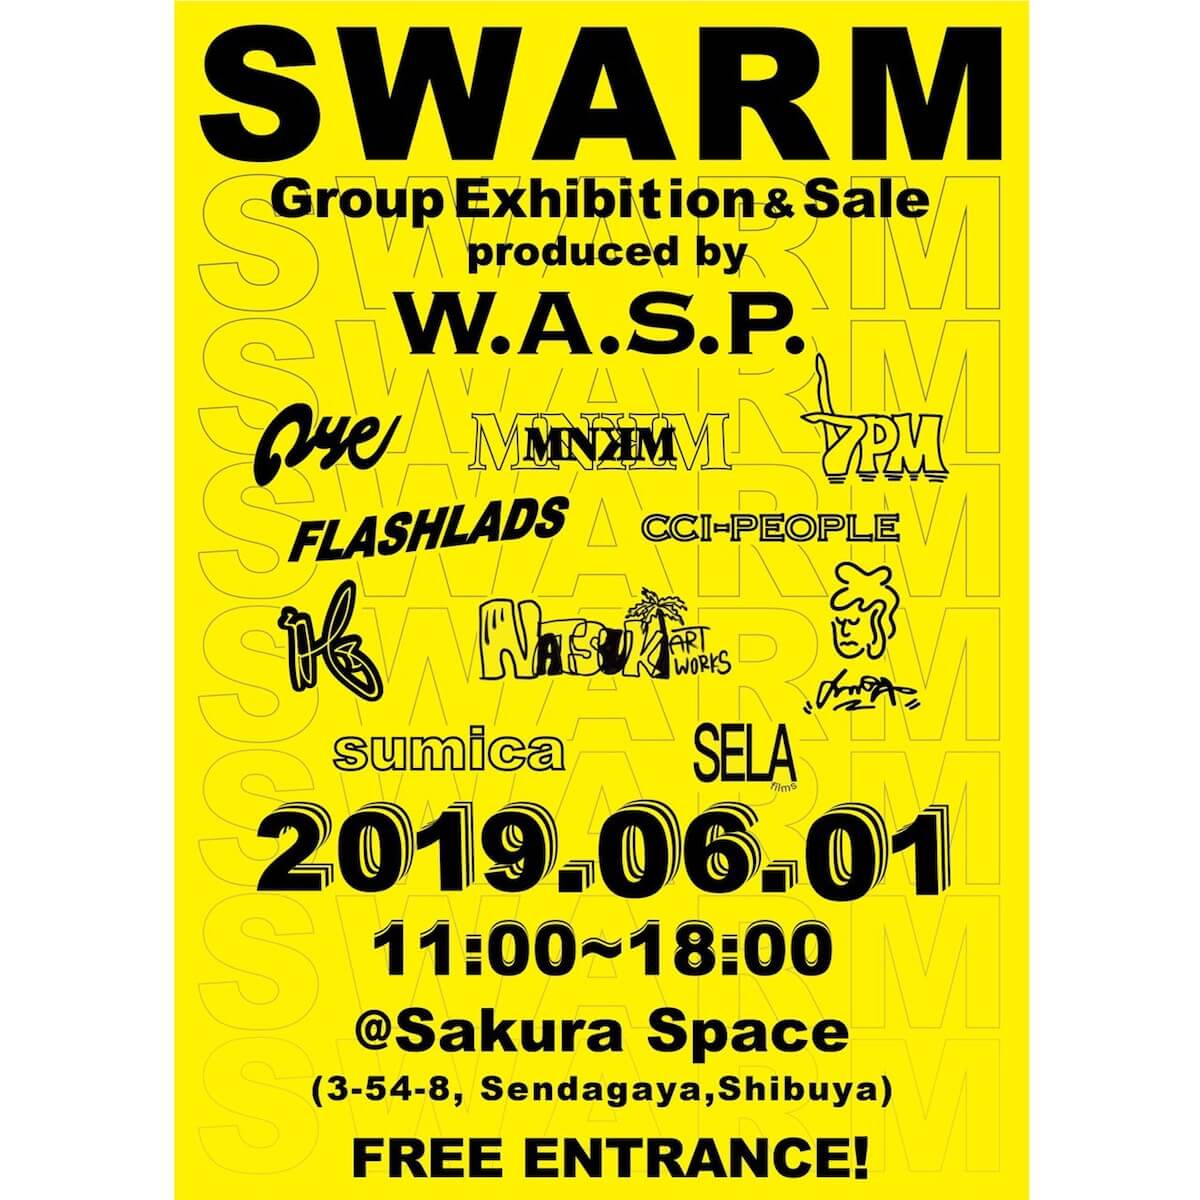 W.A.S.P.による合同展示&販売会<SWARM>が開催|コラム「どうも東京の人にはなれなかったらしい」連載中の中山桜も参加 art-culture190528-wasp-swarm-1